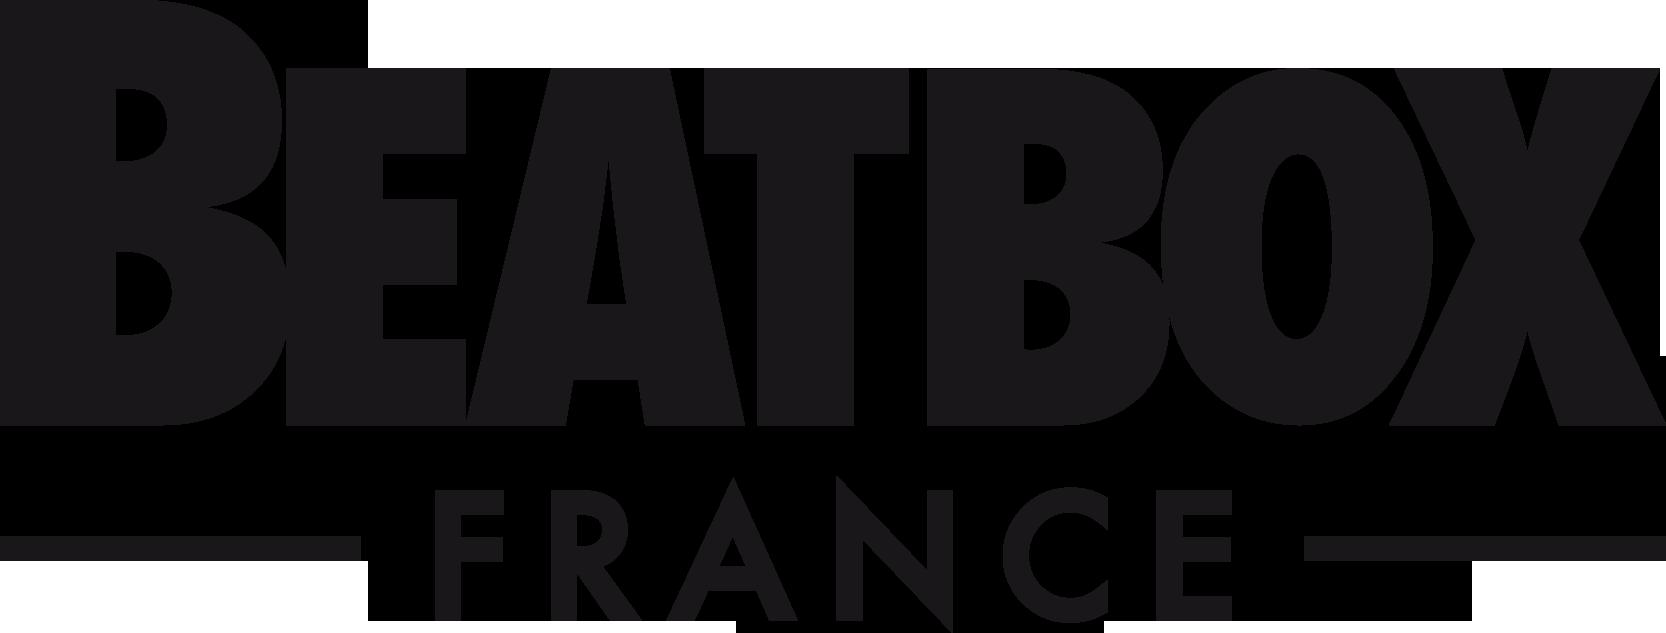 beatbox_france_logo_FINAL_OK